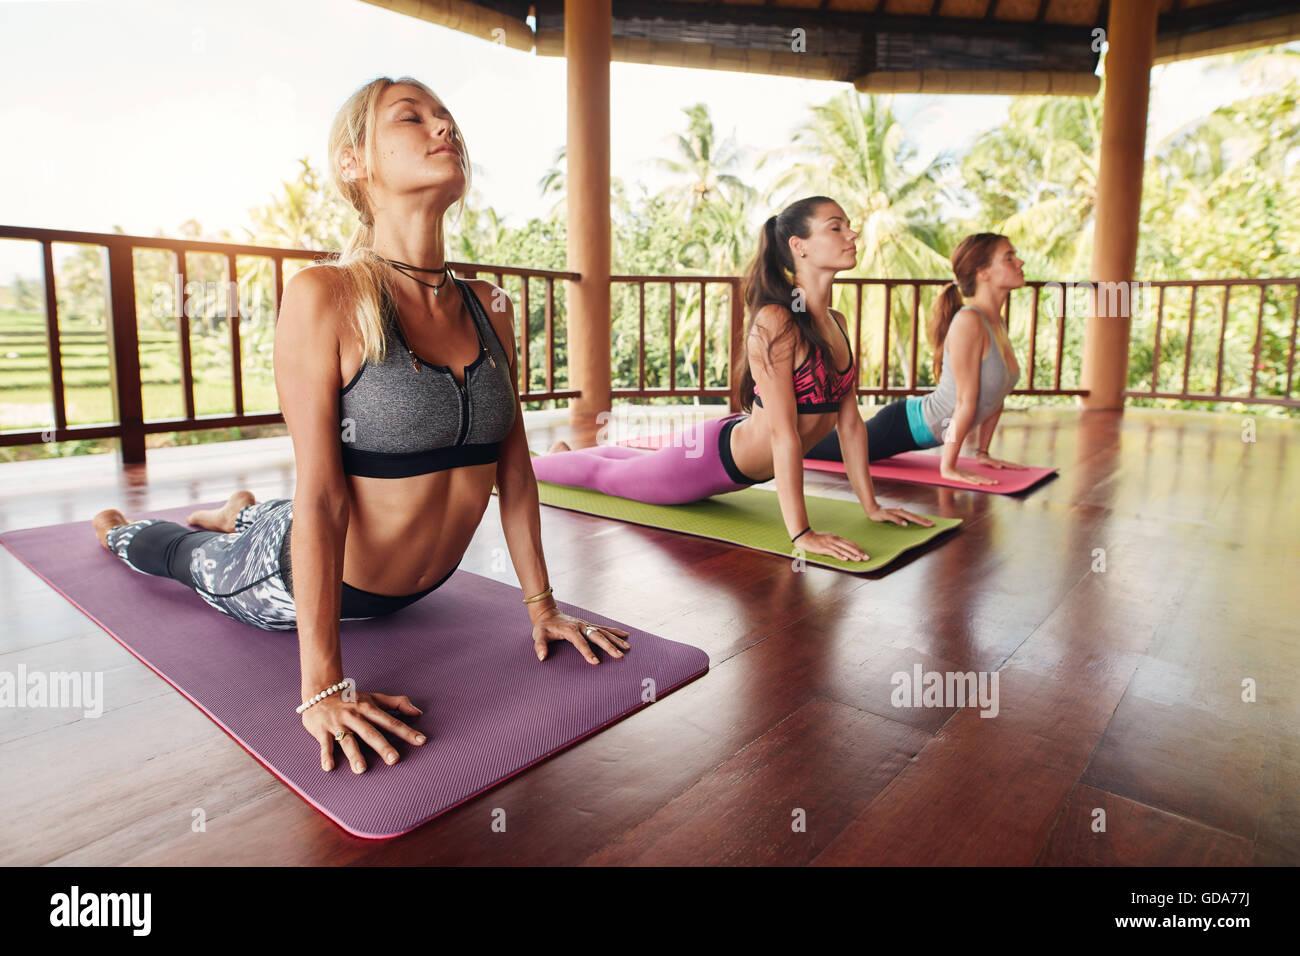 Las mujeres que practican fitness la cobra plantean durante la clase de yoga en un centro de salud. Grupo de Fitness Imagen De Stock